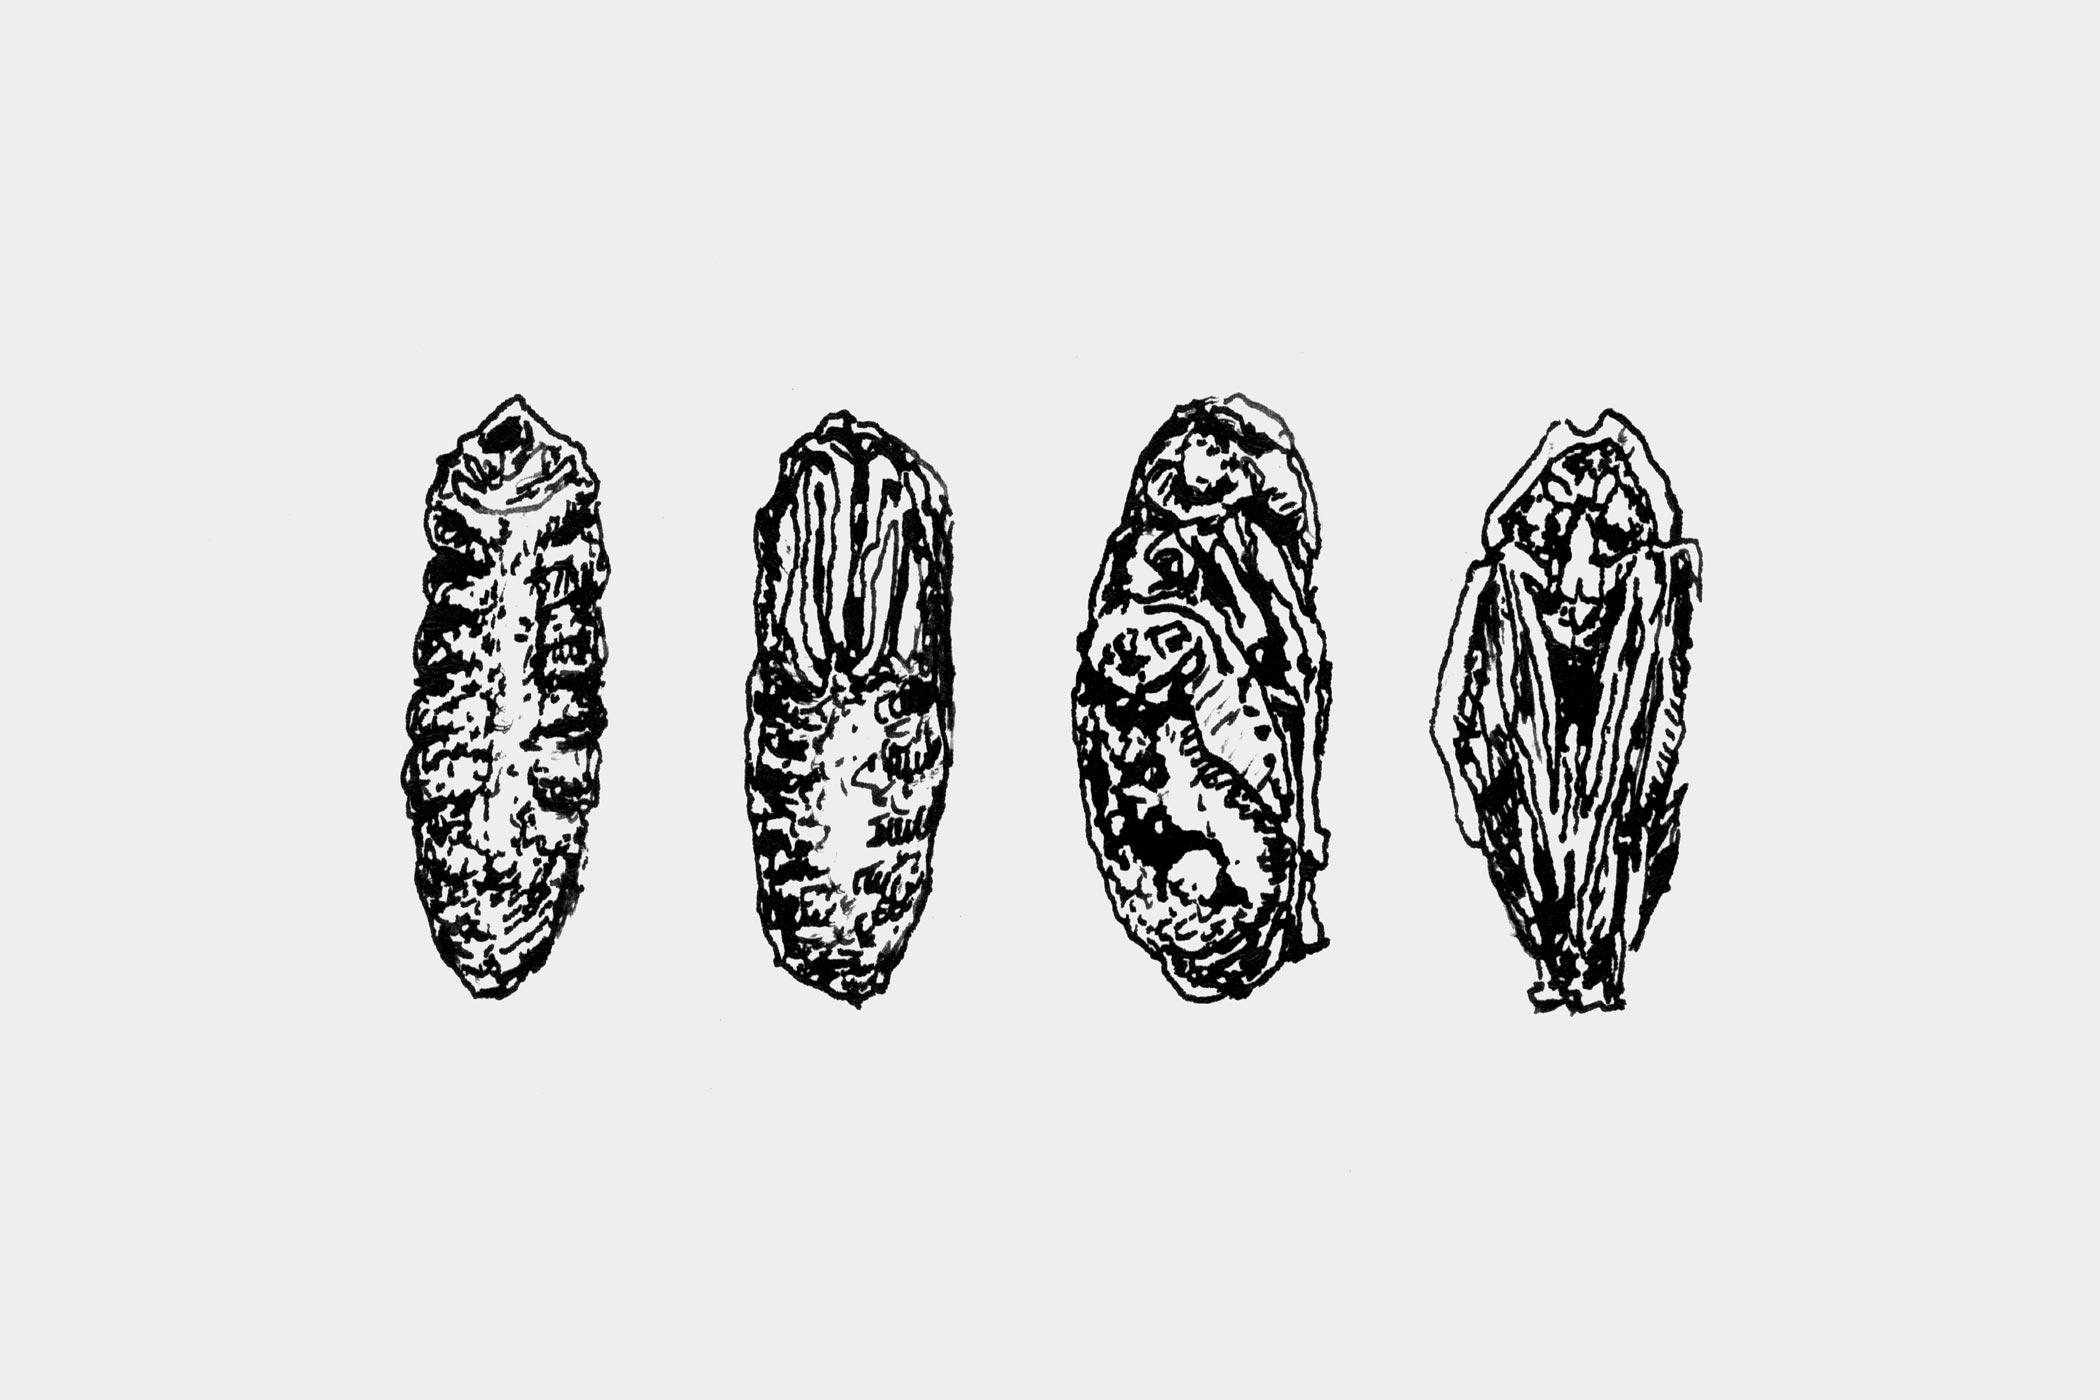 """Federzeichnungen von Insekten, gezeichnet von Christian Thanhäuser als Illustration für die 10-bändige Buchserie """"Erinnerungen eines Insektenforschers"""" von Jean-Henri Fabre für den Verlag Matthes & Seitz Berlin"""